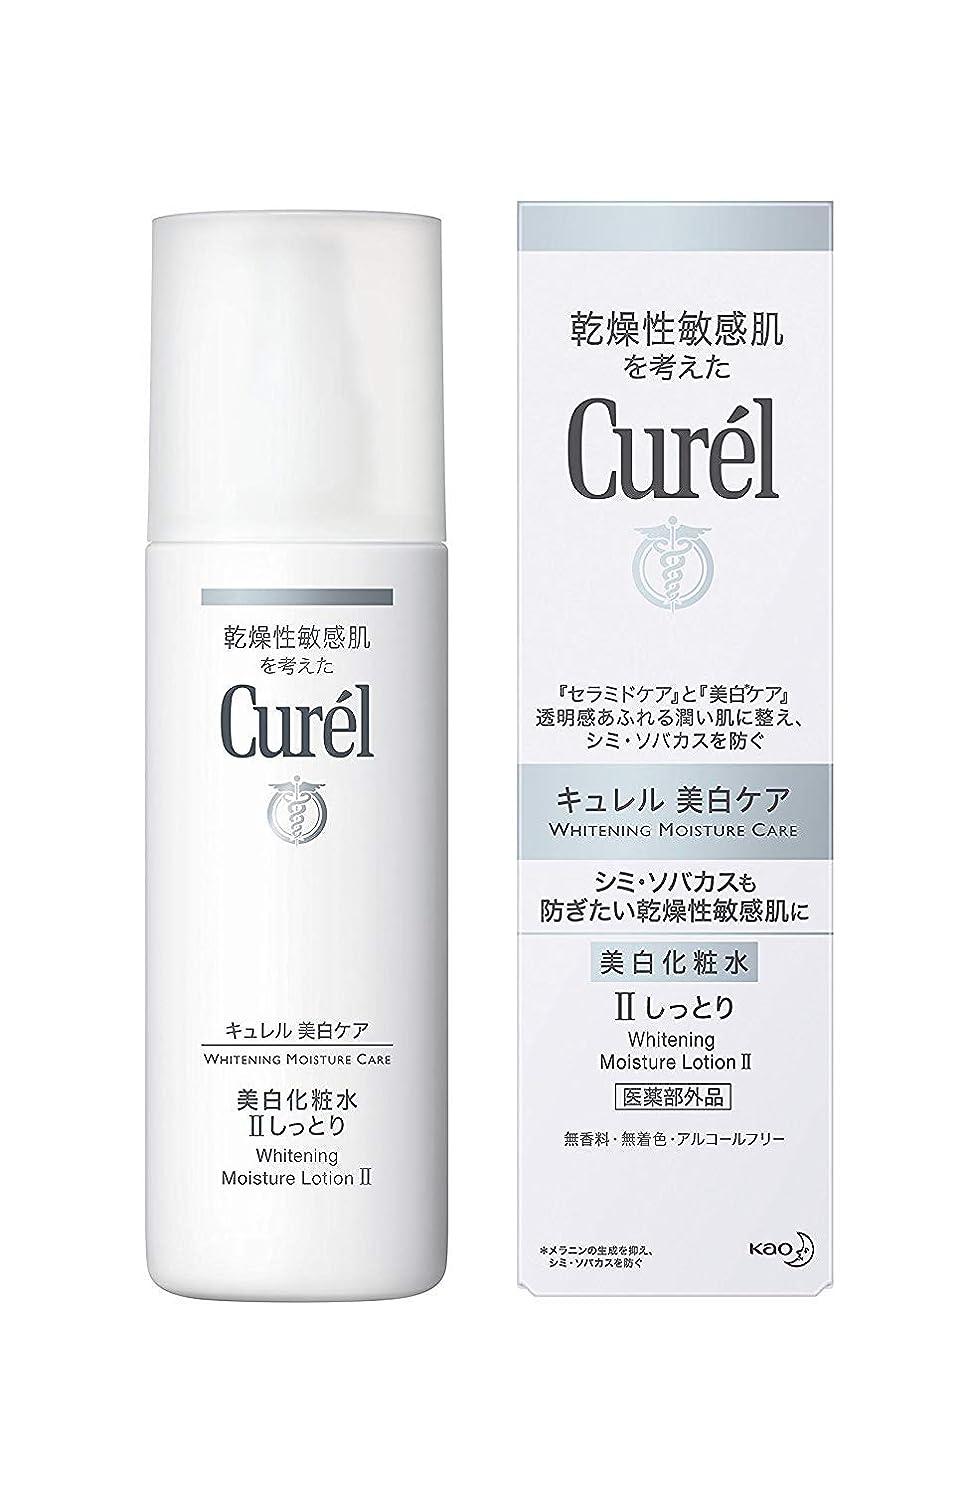 【花王】キュレル 美白化粧水IIノーマル(140ml) ×10個セット